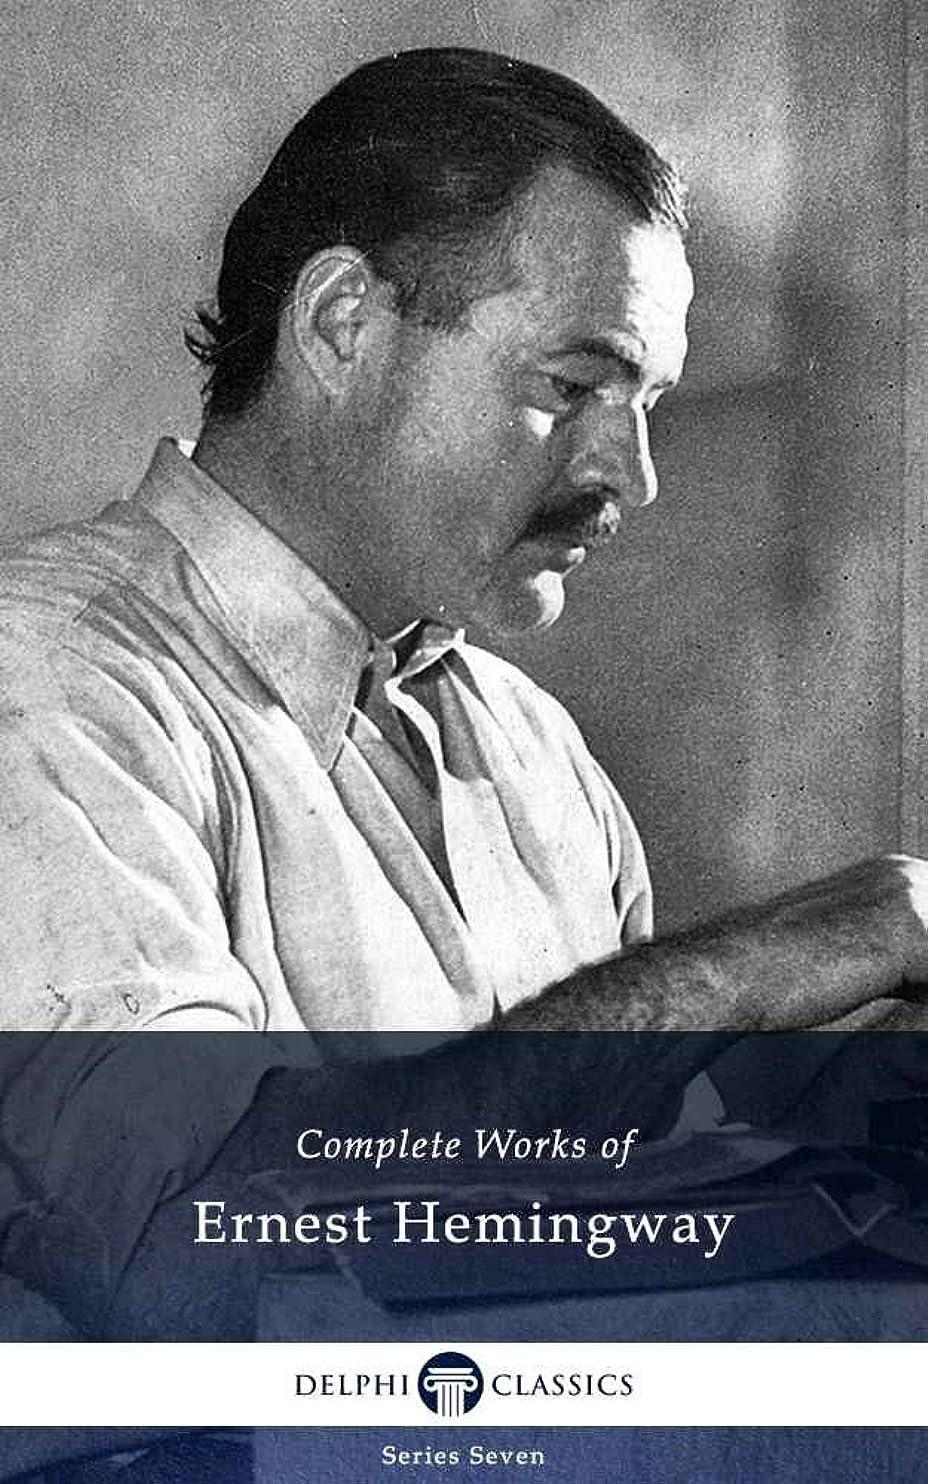 展望台写真を描くつかの間Complete Works of Ernest Hemingway (Delphi Classics) (Delphi Series Seven Book 5) (English Edition)